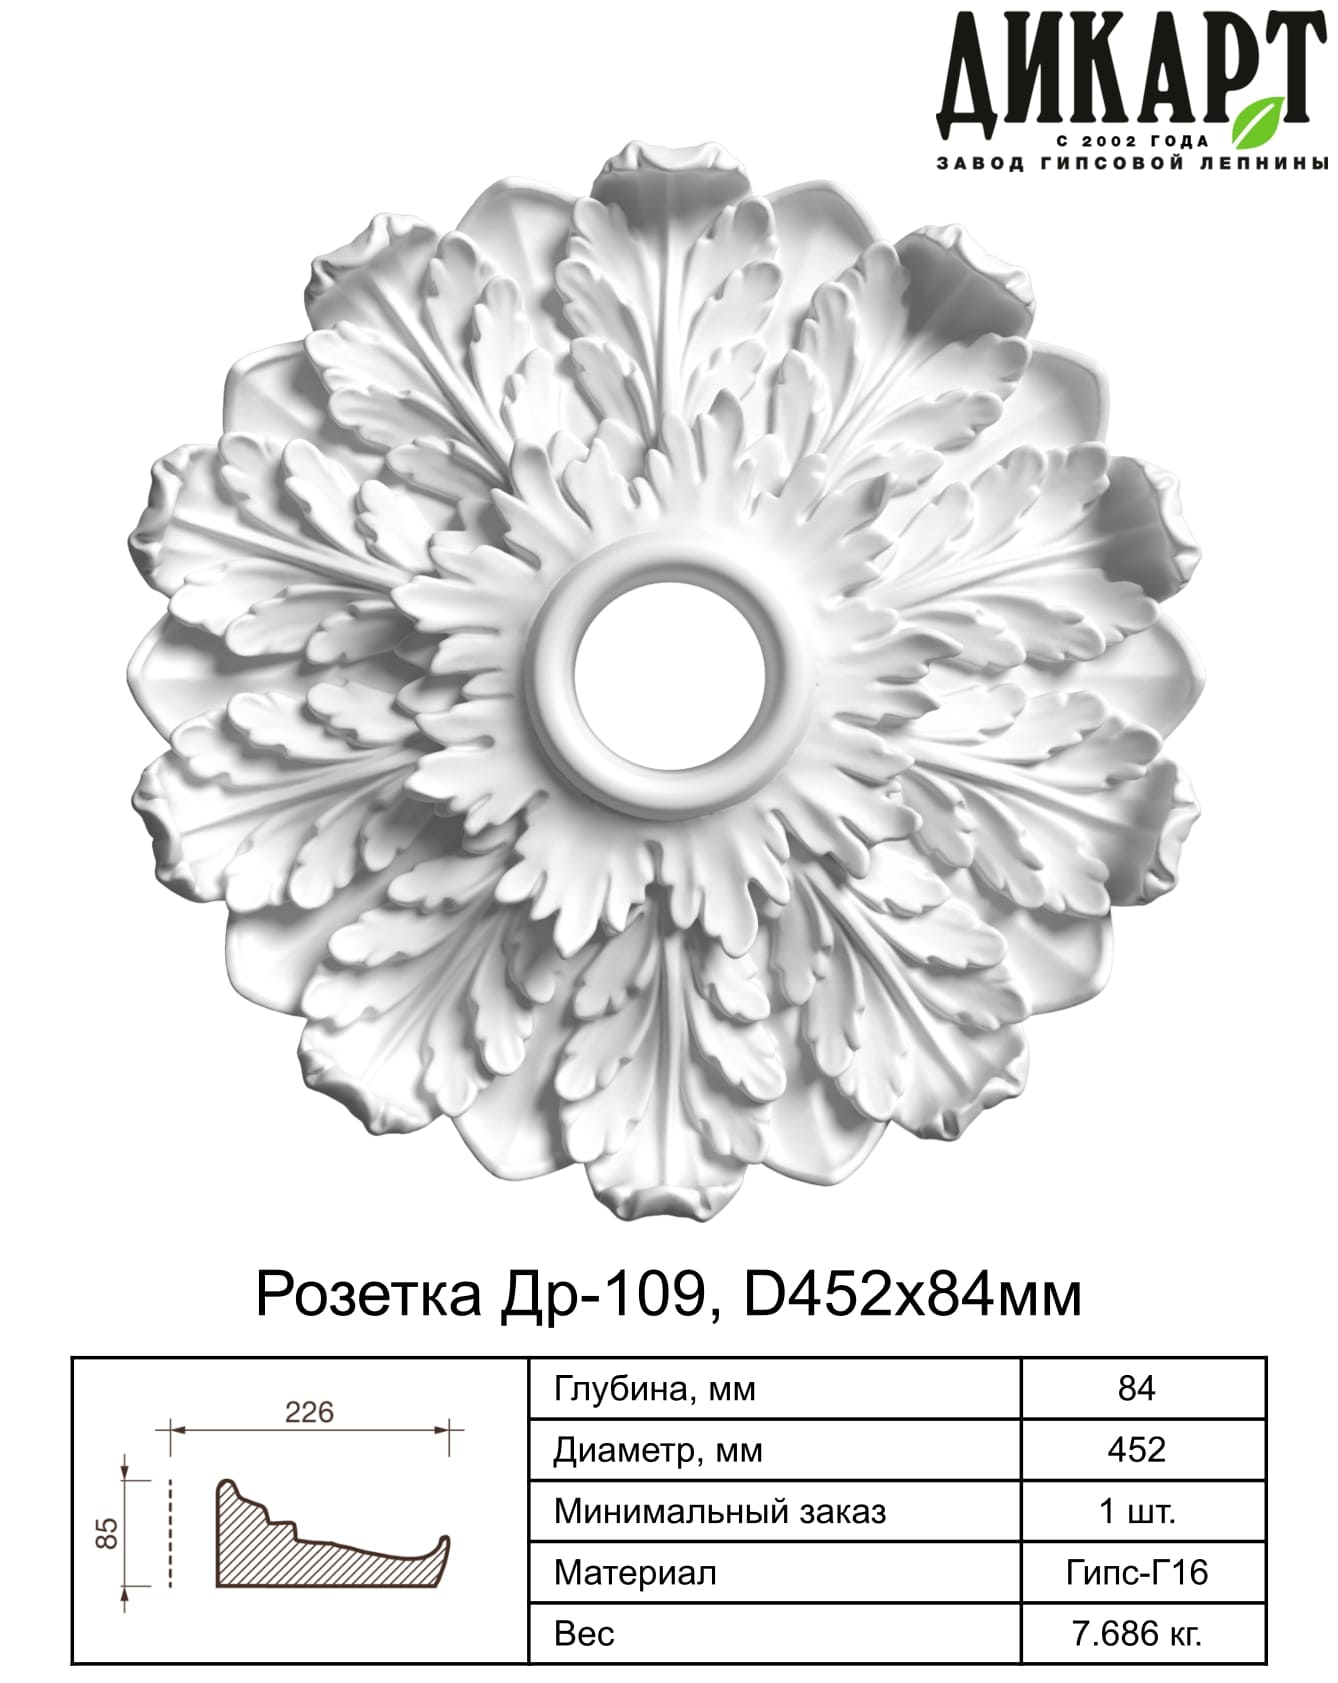 Розетка_Др-109